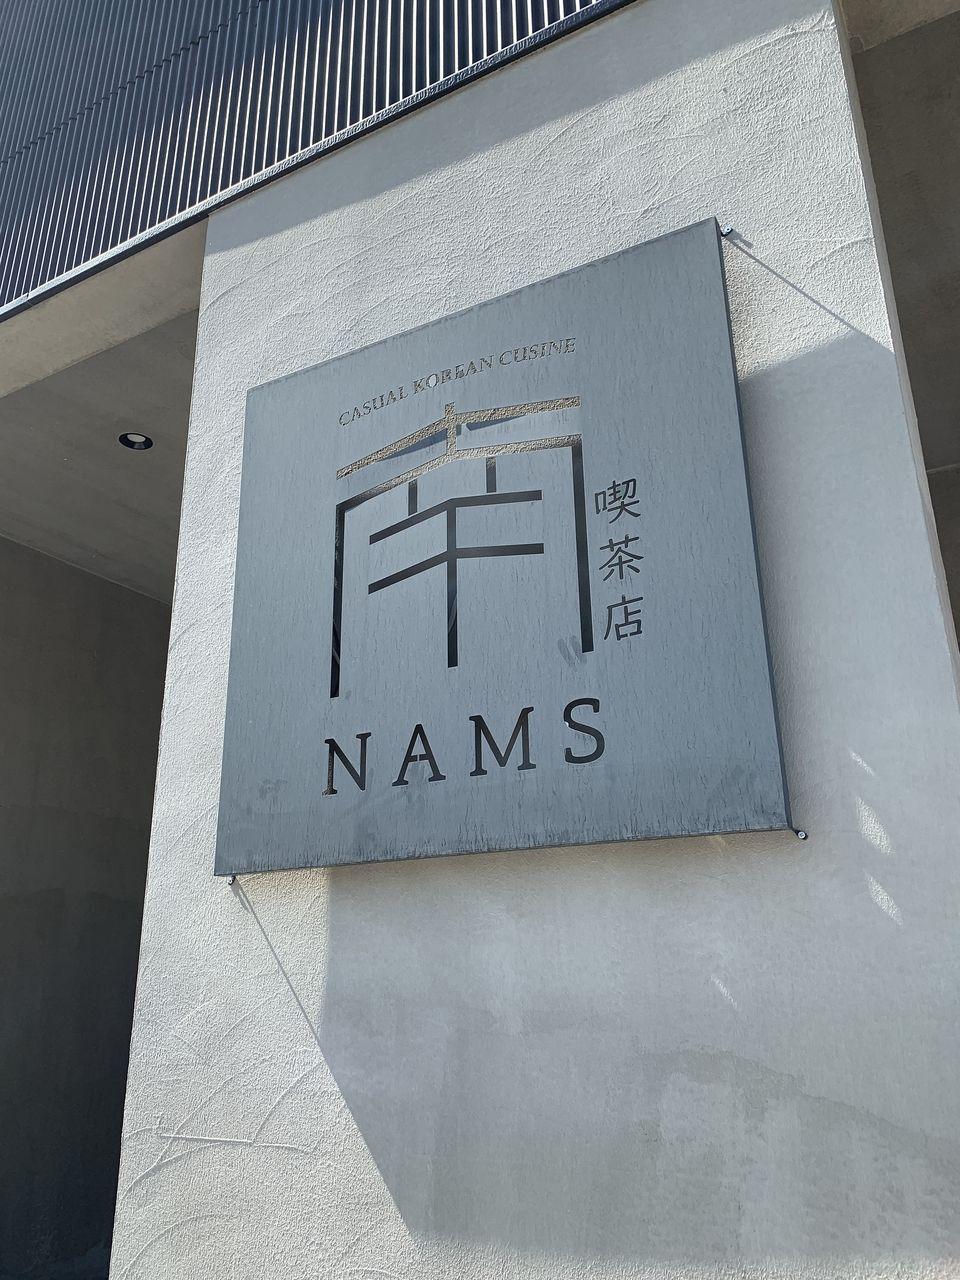 cafeNAMS(カフェナムス)のロゴ写真